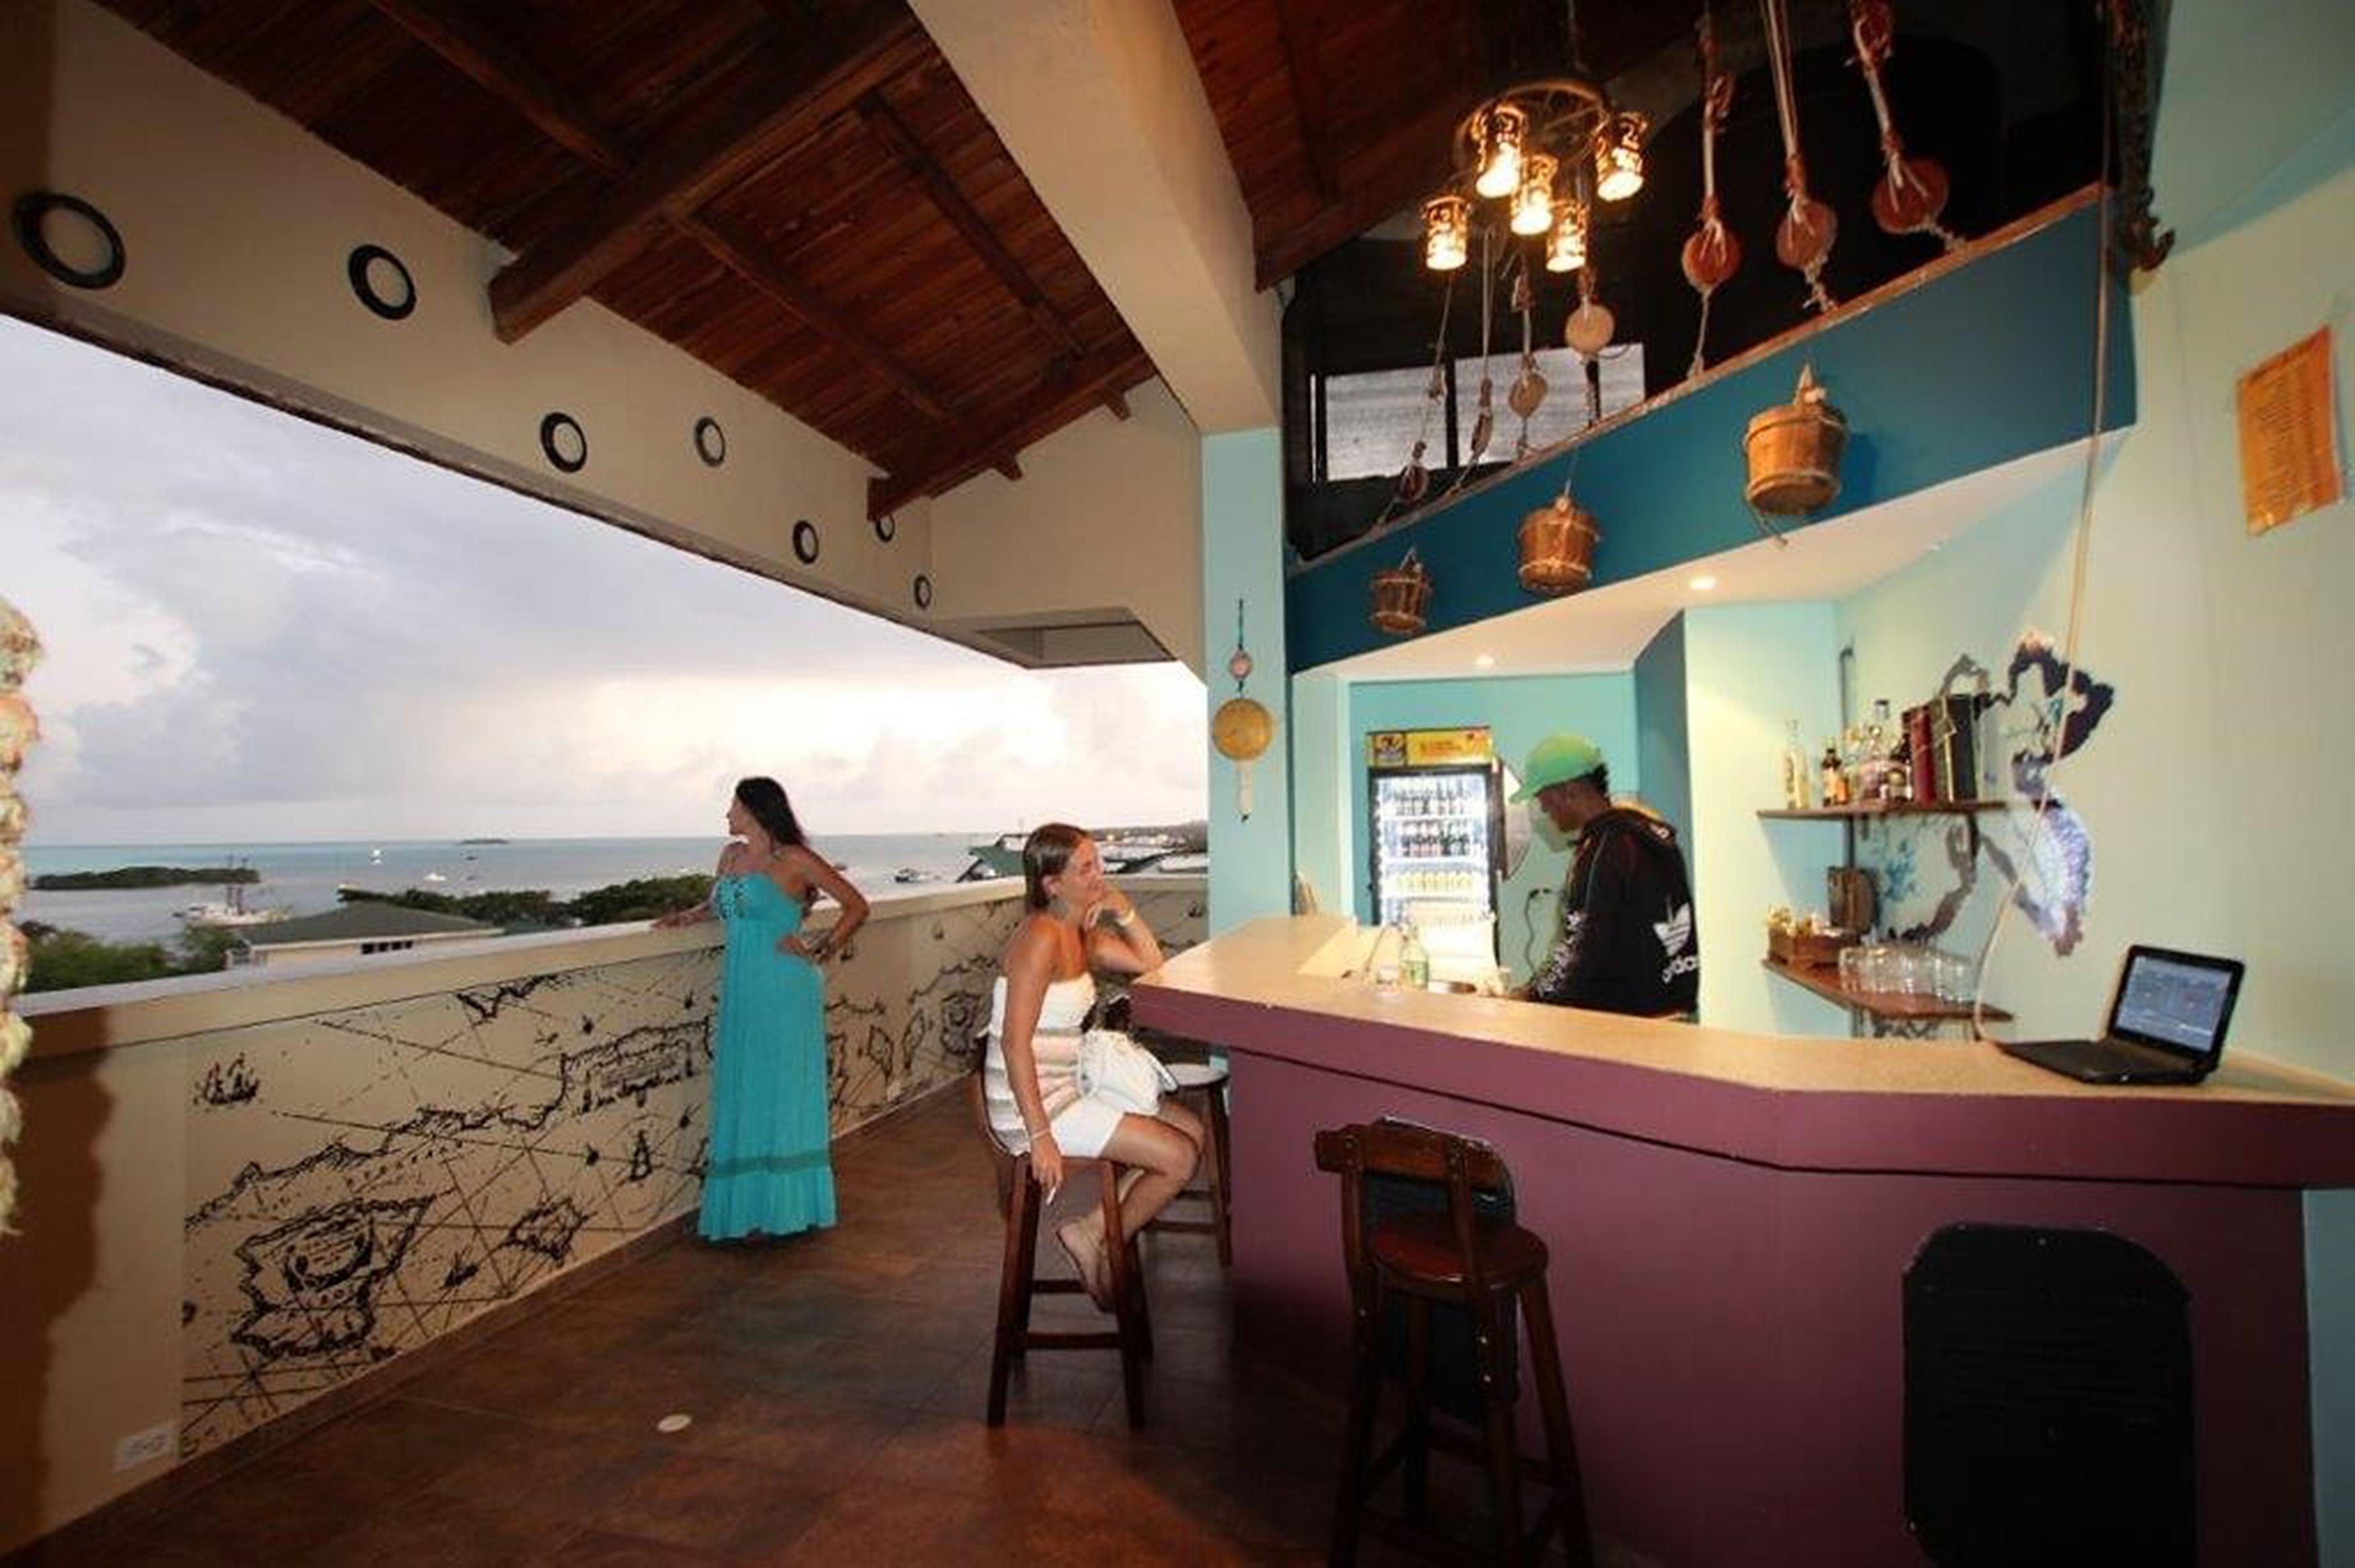 El Viajero San Andres Hostel & Suites